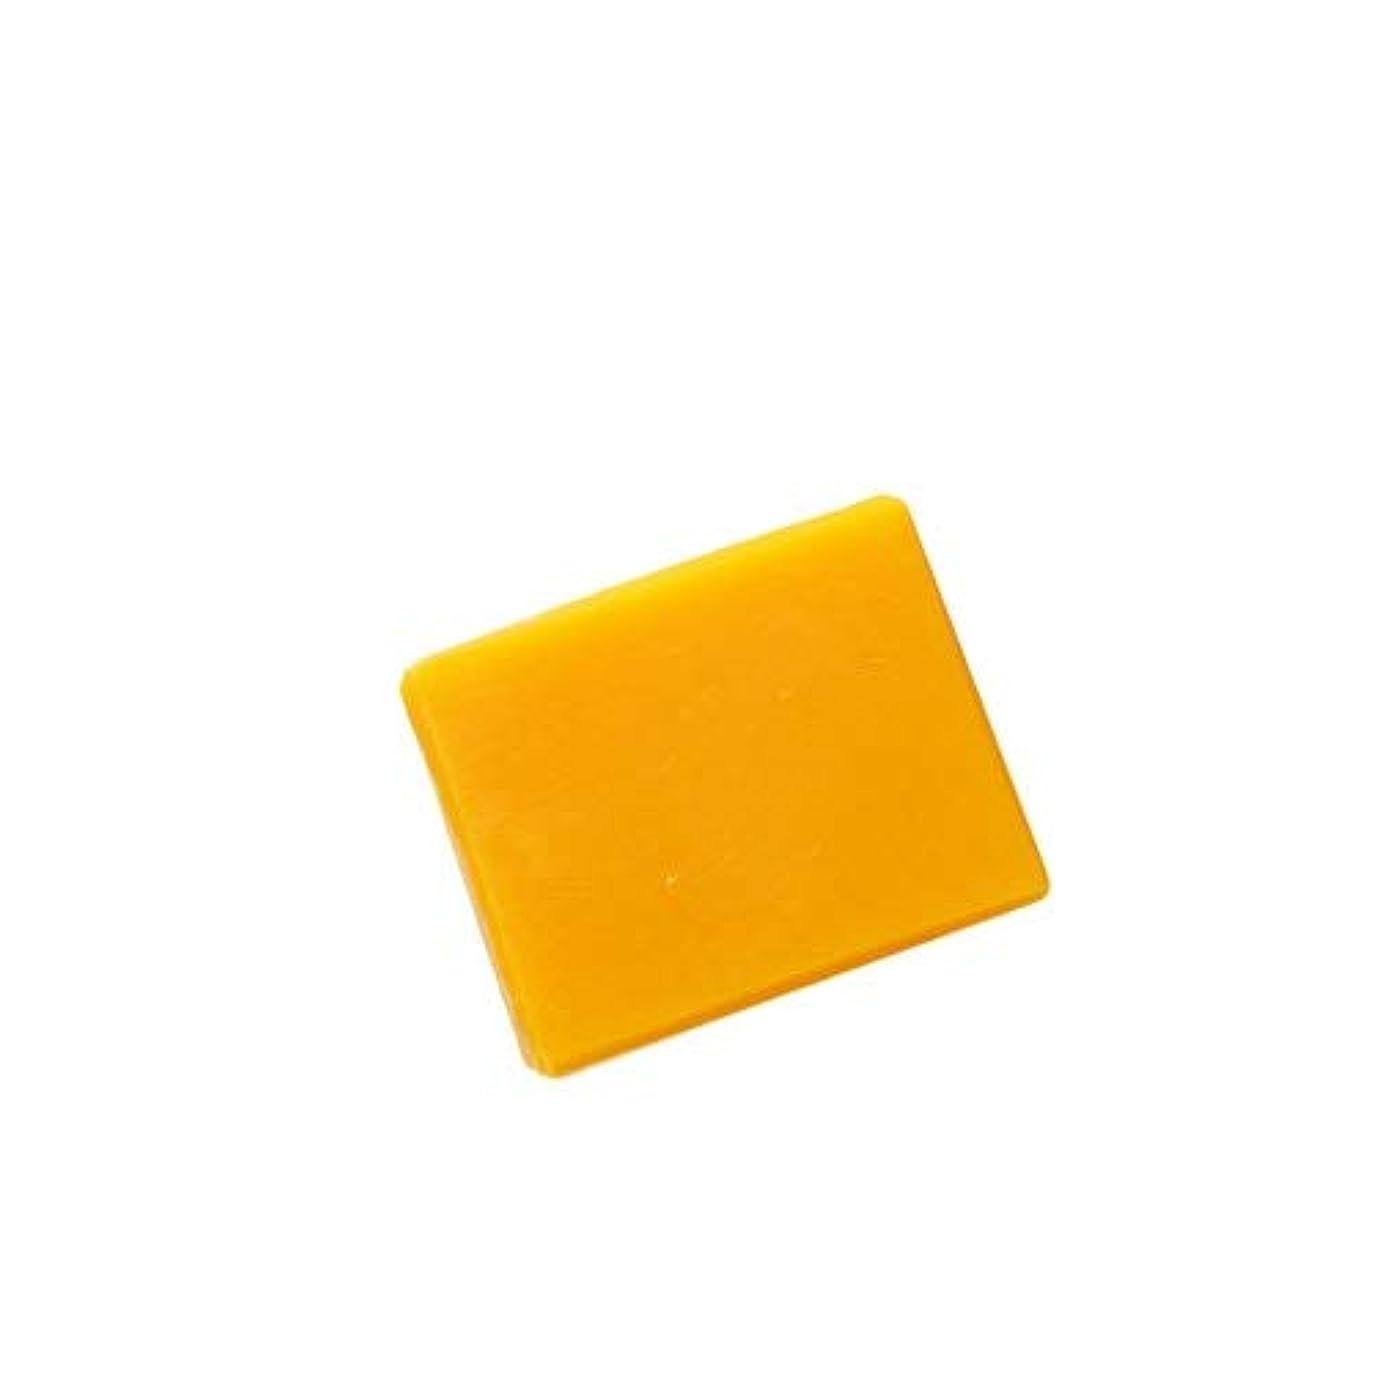 リアル致死ラボ洗顔石鹸 COONA アボカド 石けん フローラルオレンジ (天然素材 自然派 コールドプロセス 手作り せっけん)